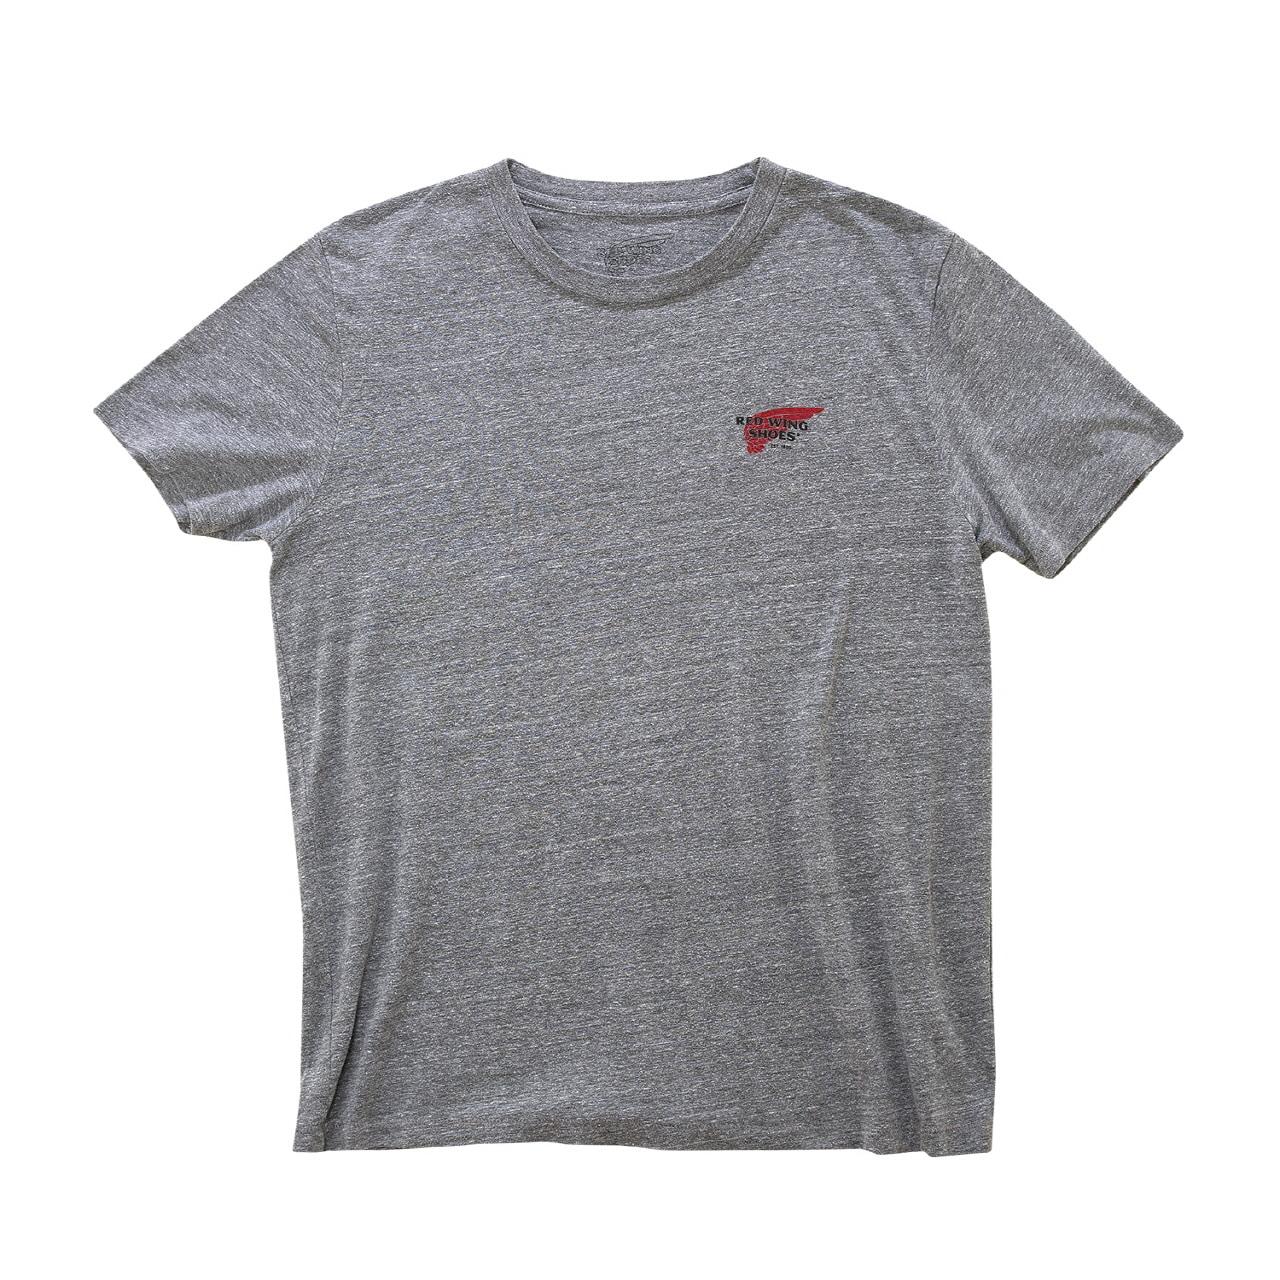 로고 티셔츠 97404 - 그레이